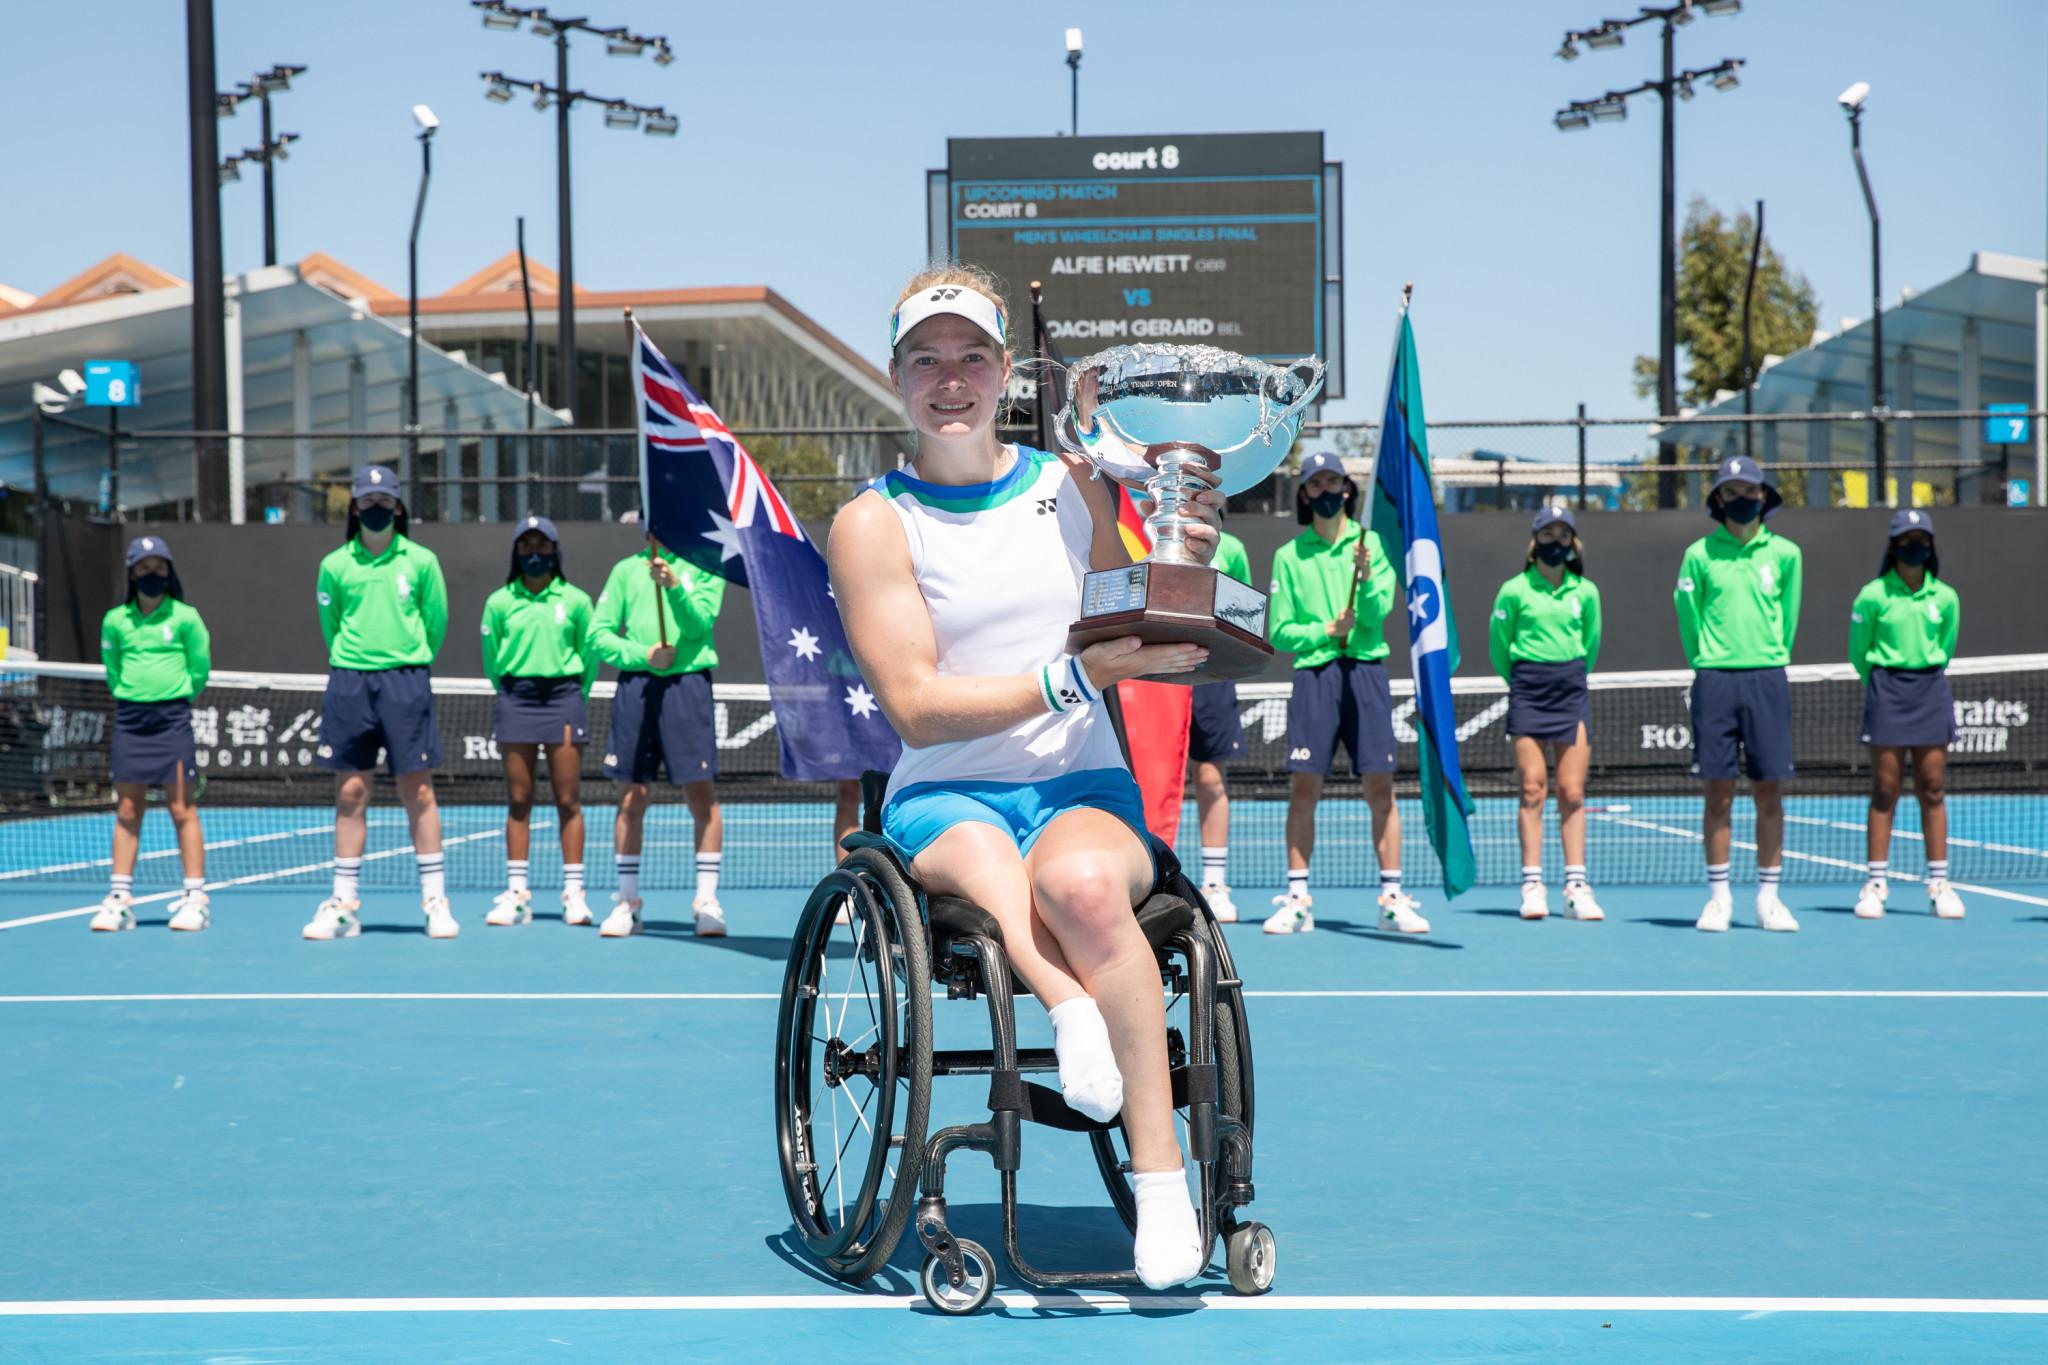 De Groot and Alcott do the double in Australian Open wheelchair tennis finals